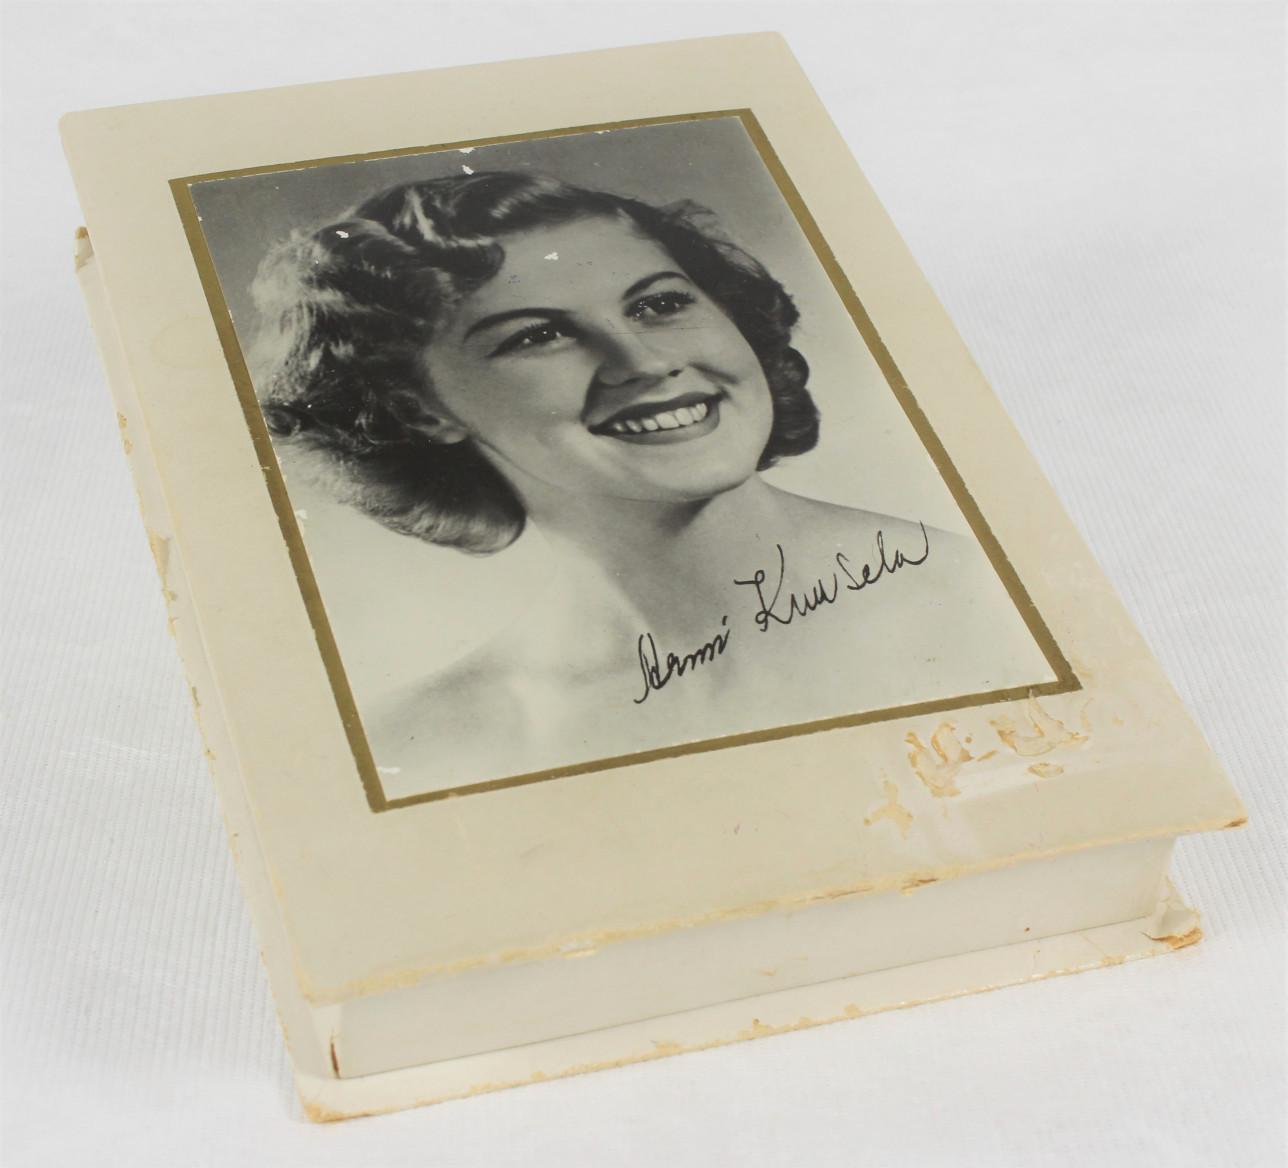 Valkoinen pahvinen suklaarasia, jonka kannessa on kuva Armi Kuuselasta. Kuvassa on myös Armi Kuuselan nimikirjoitus.